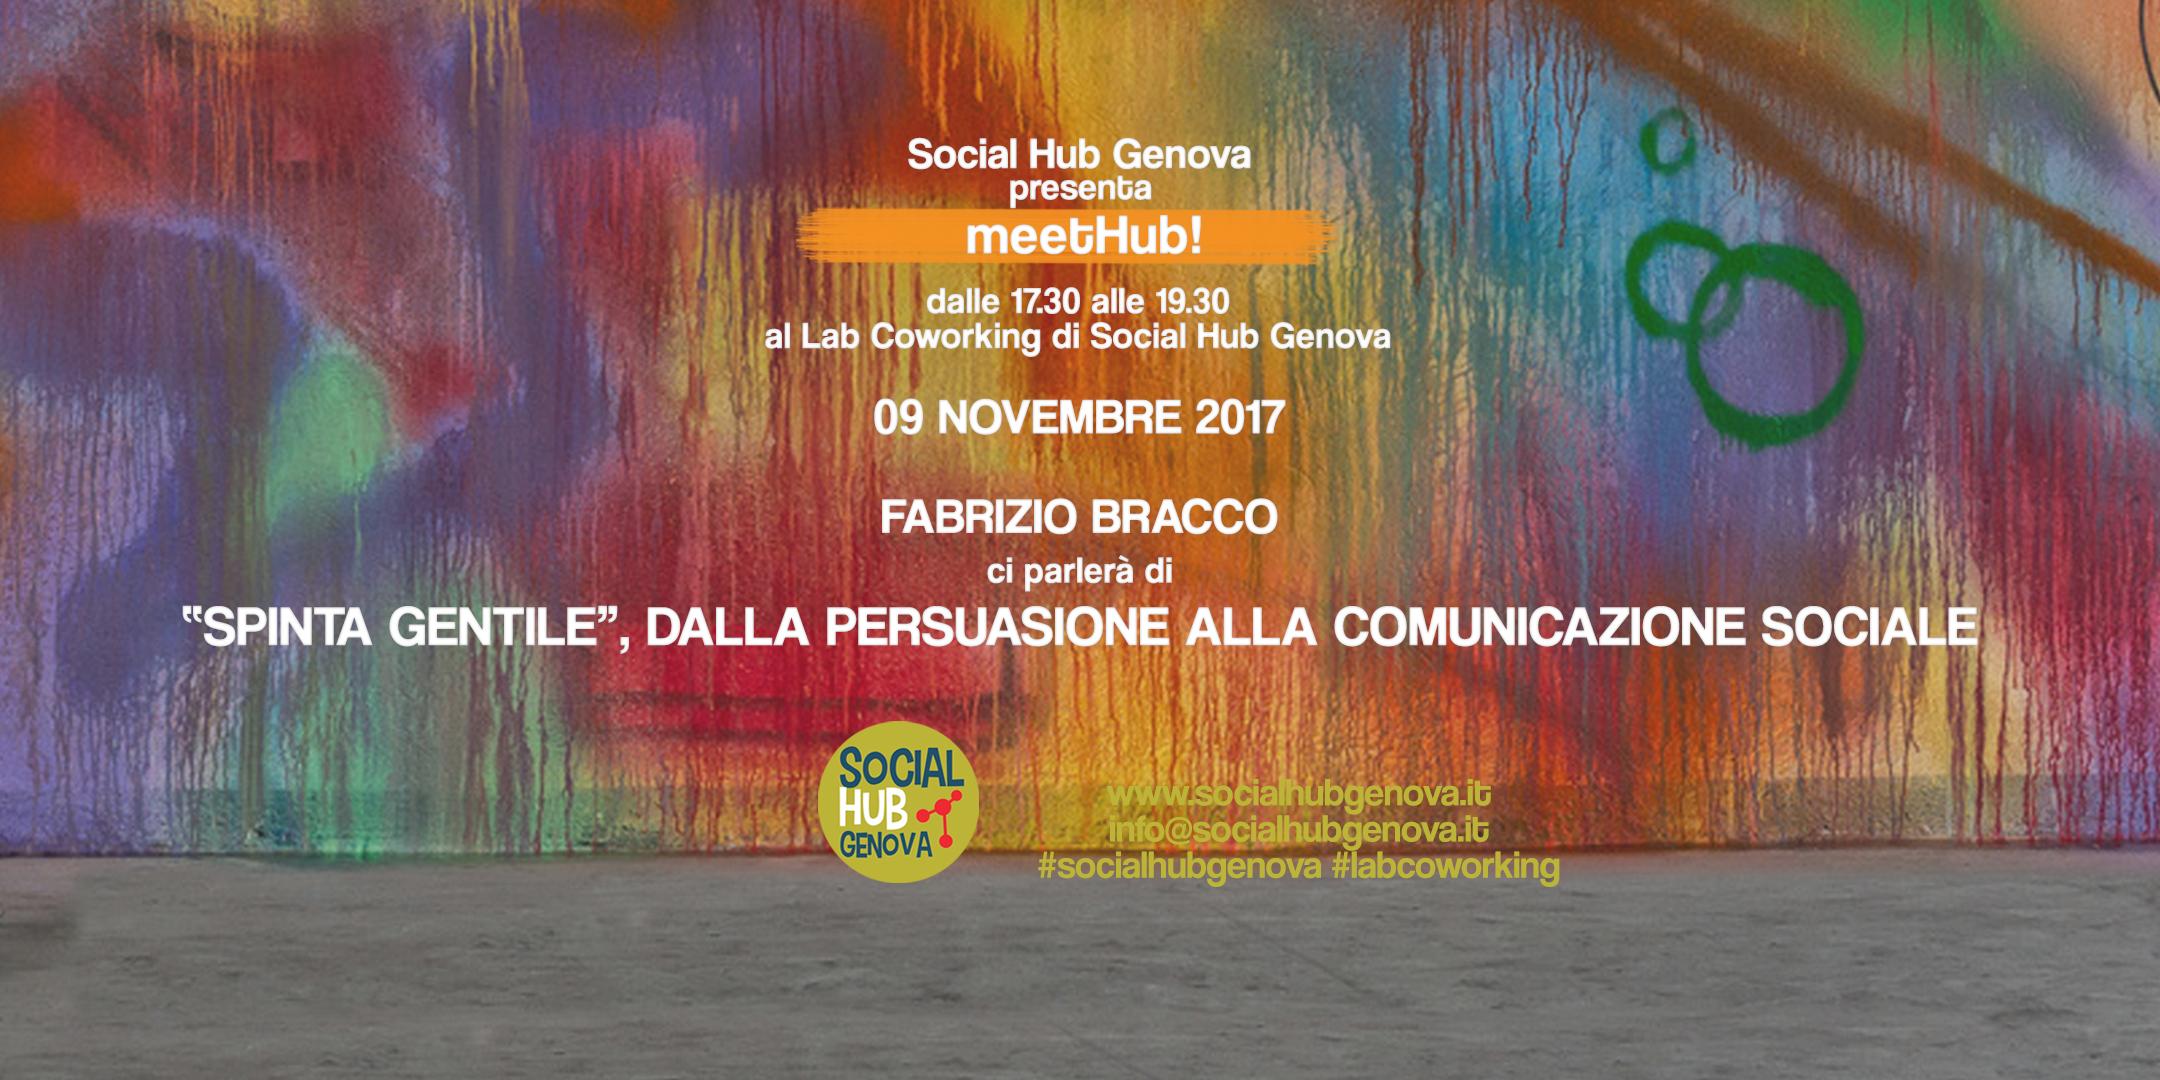 20171109_meethub_bracco_eventbrite-fb